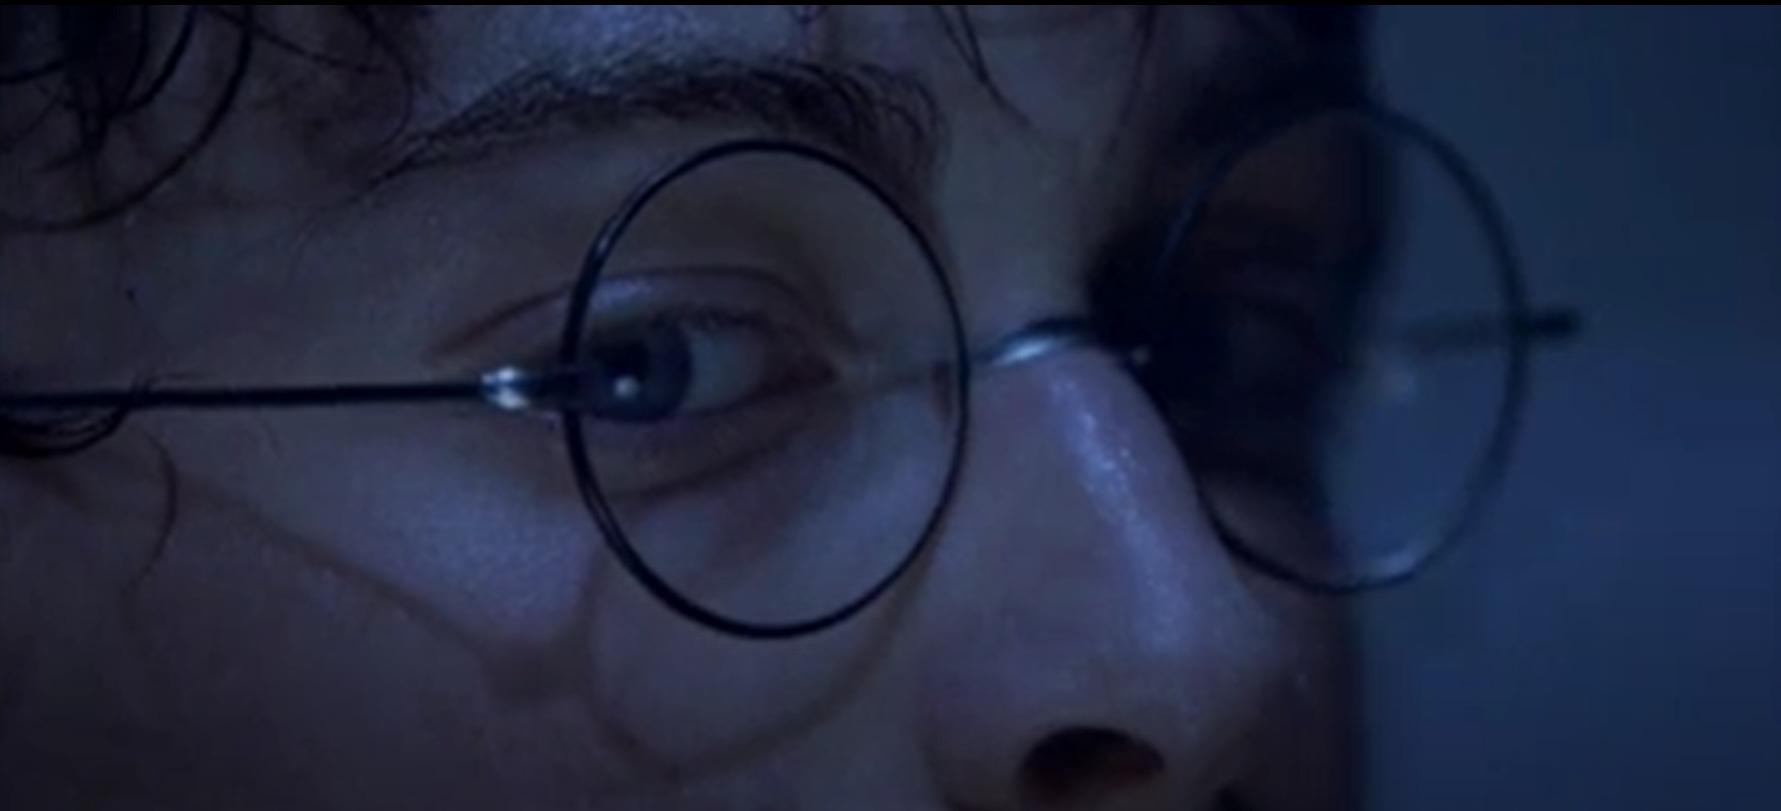 映画|ハリー・ポッターと炎のゴブレットの動画を無料視聴できる配信サイト